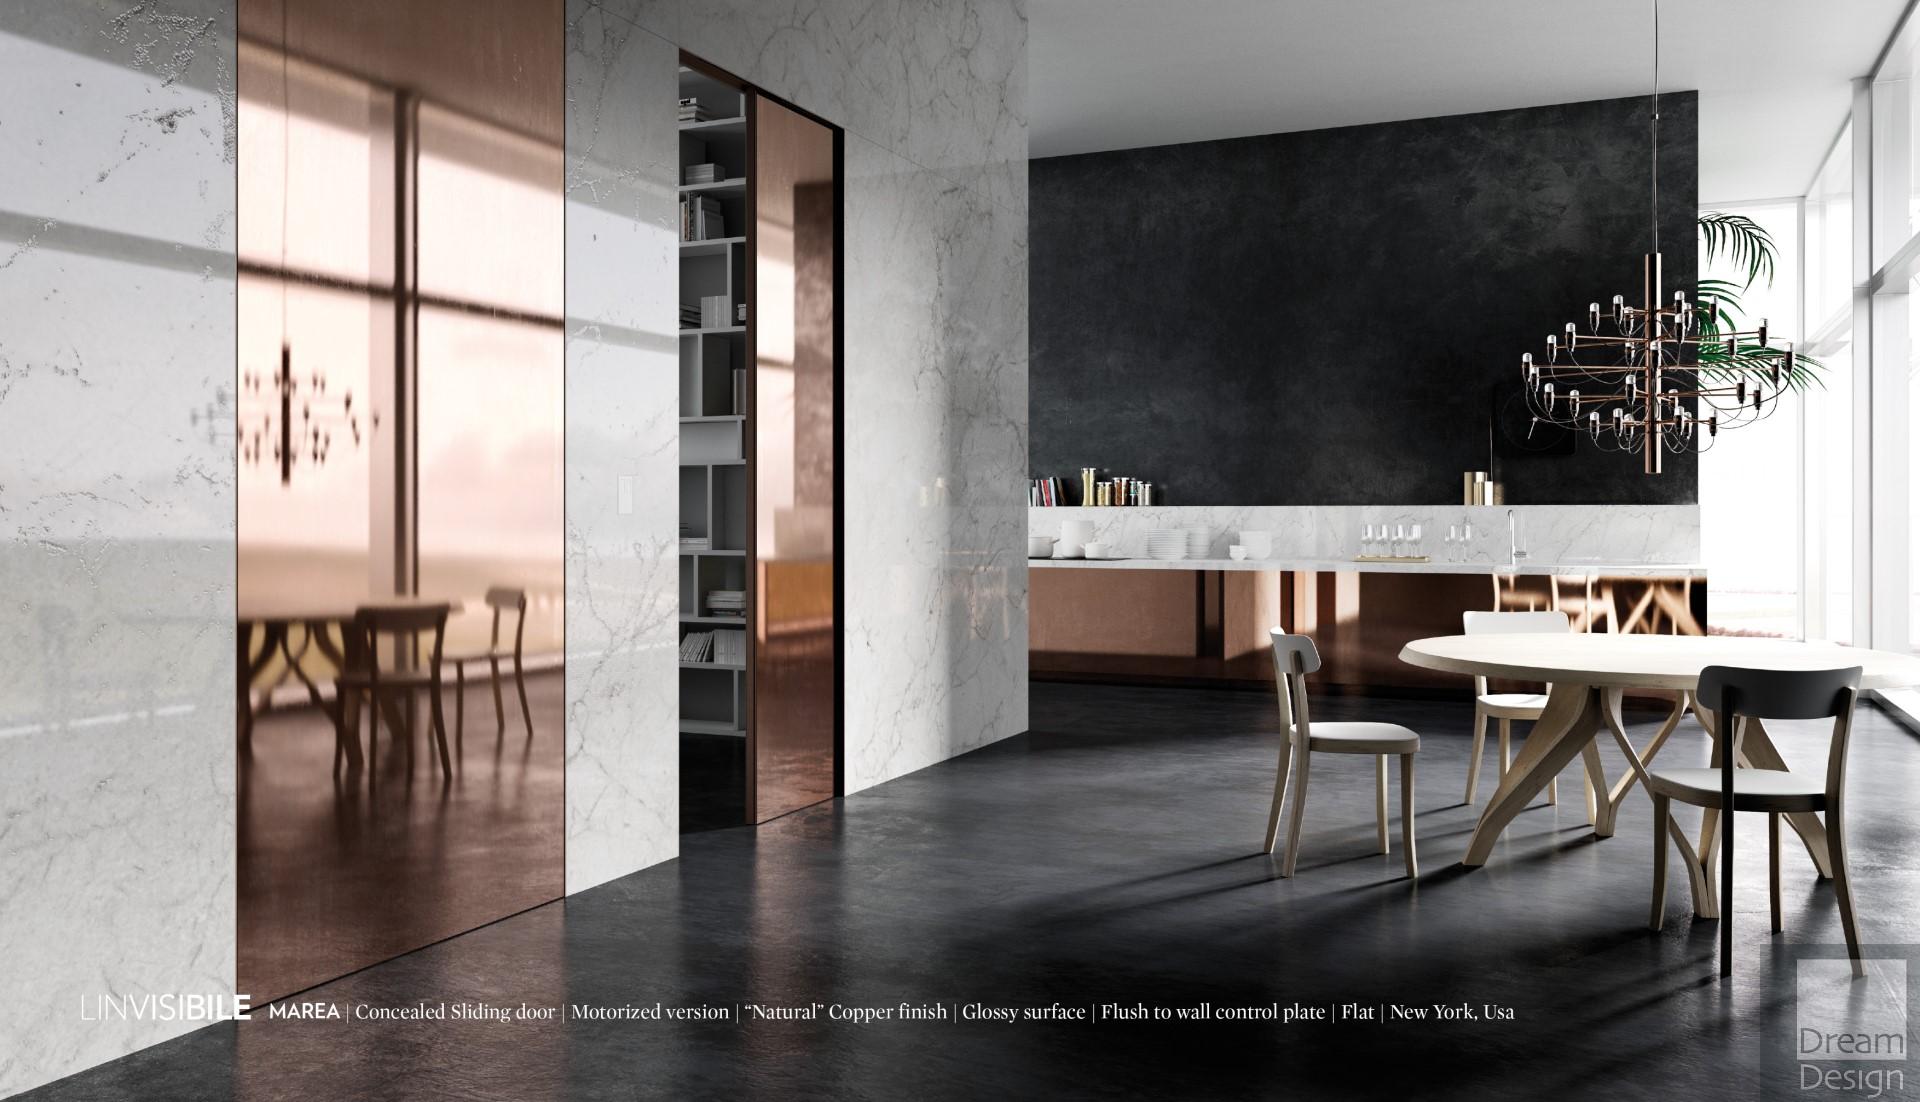 linvisibile marea concealed sliding doors dream design interiors ltd